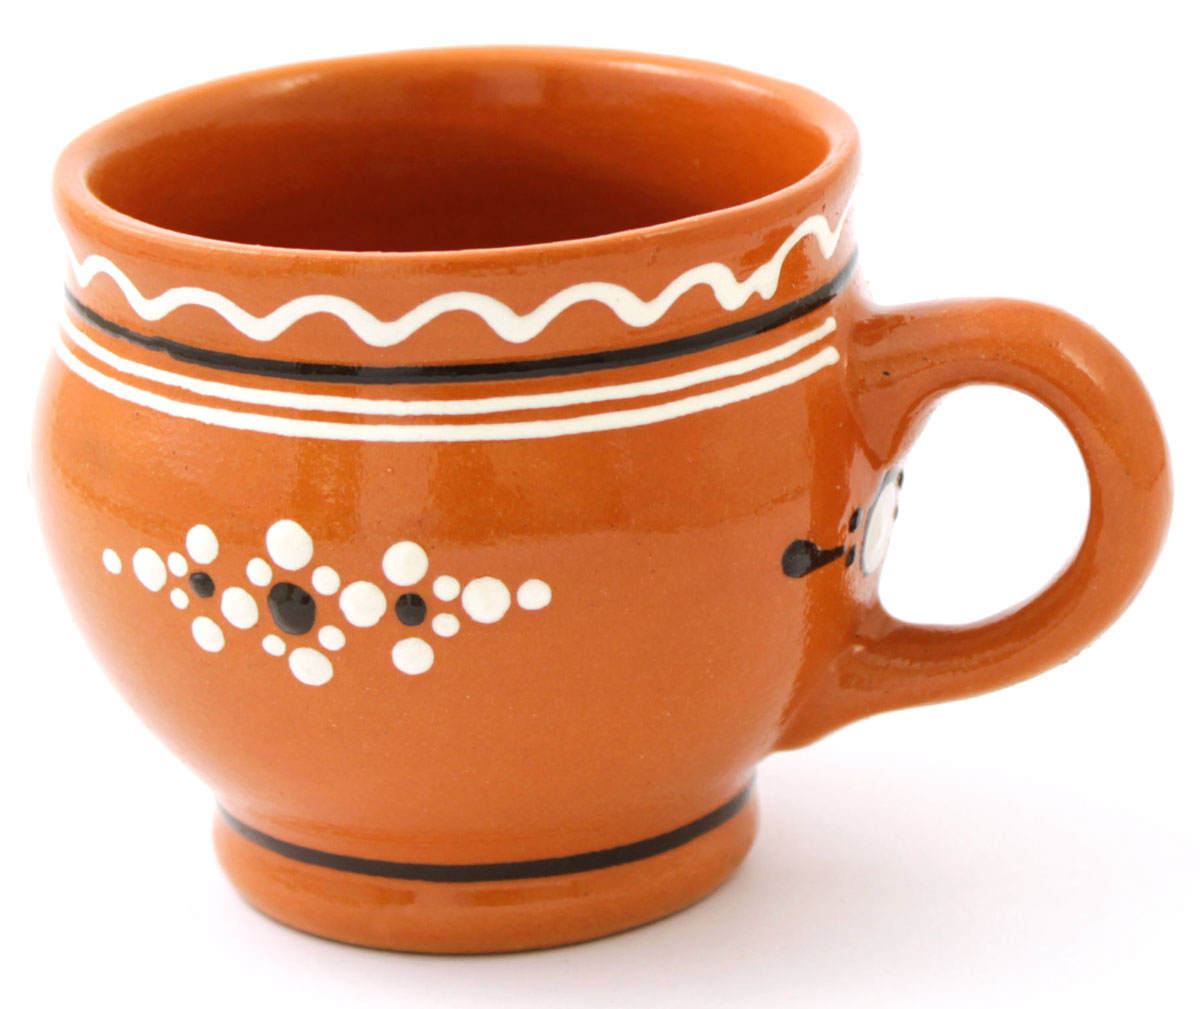 Кружка Ломоносовская керамика Крошка, 200 мл54 009312Кружка Ломоносовская керамика Крошка выполнена из высококачественной глины и оформлена оригинальным рисунком. Такая кружка прекрасно оформит стол к чаепитию и станет его неизменным атрибутом.